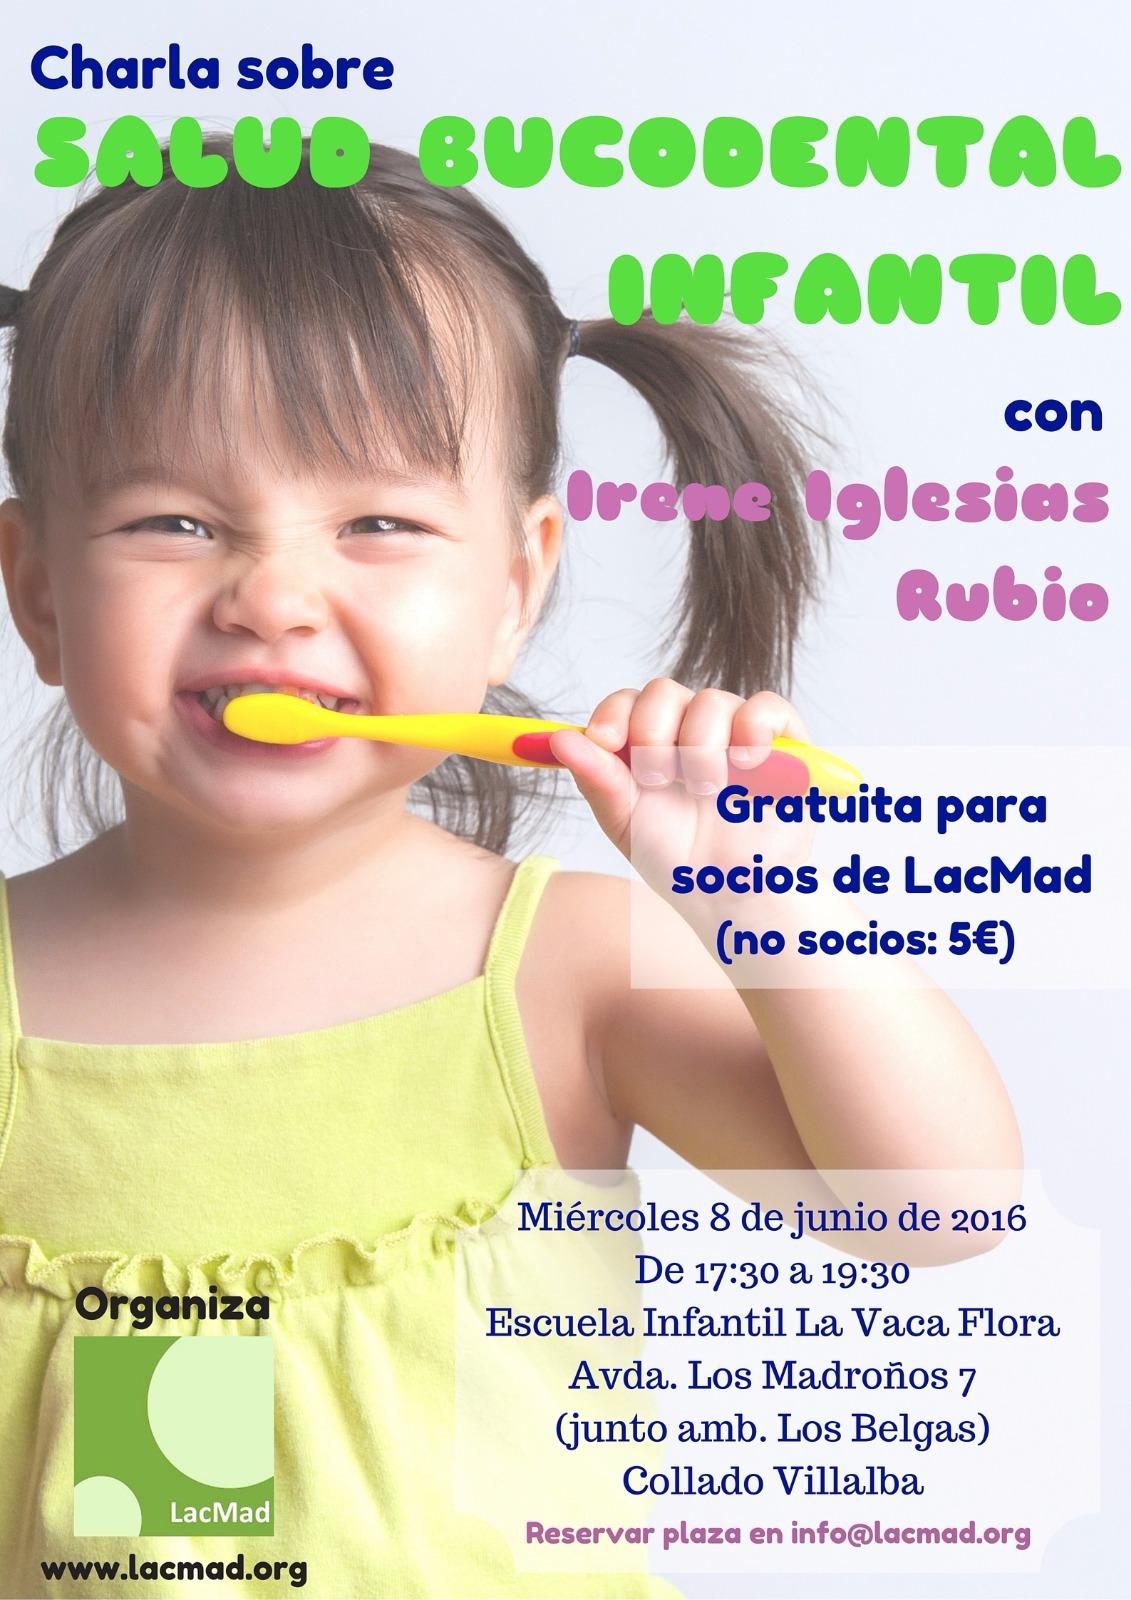 Charla Irene Iglesias Rubio